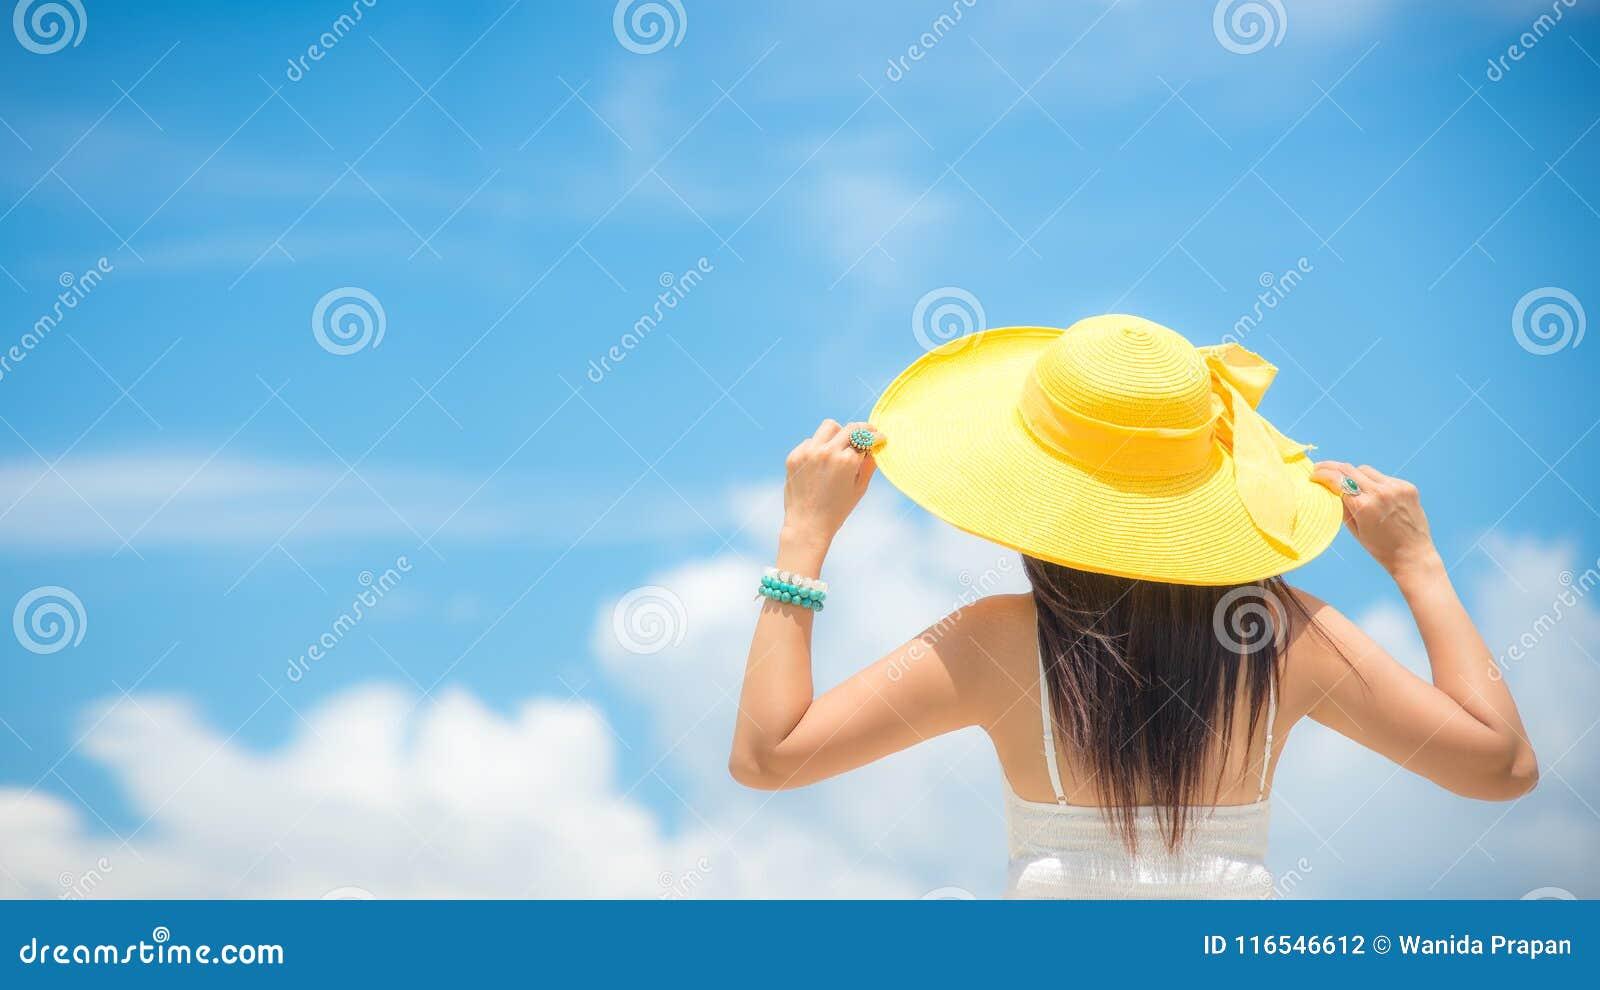 För sommarterritorium för katya krasnodar semester Lukta asiatiskt koppla av för kvinnor